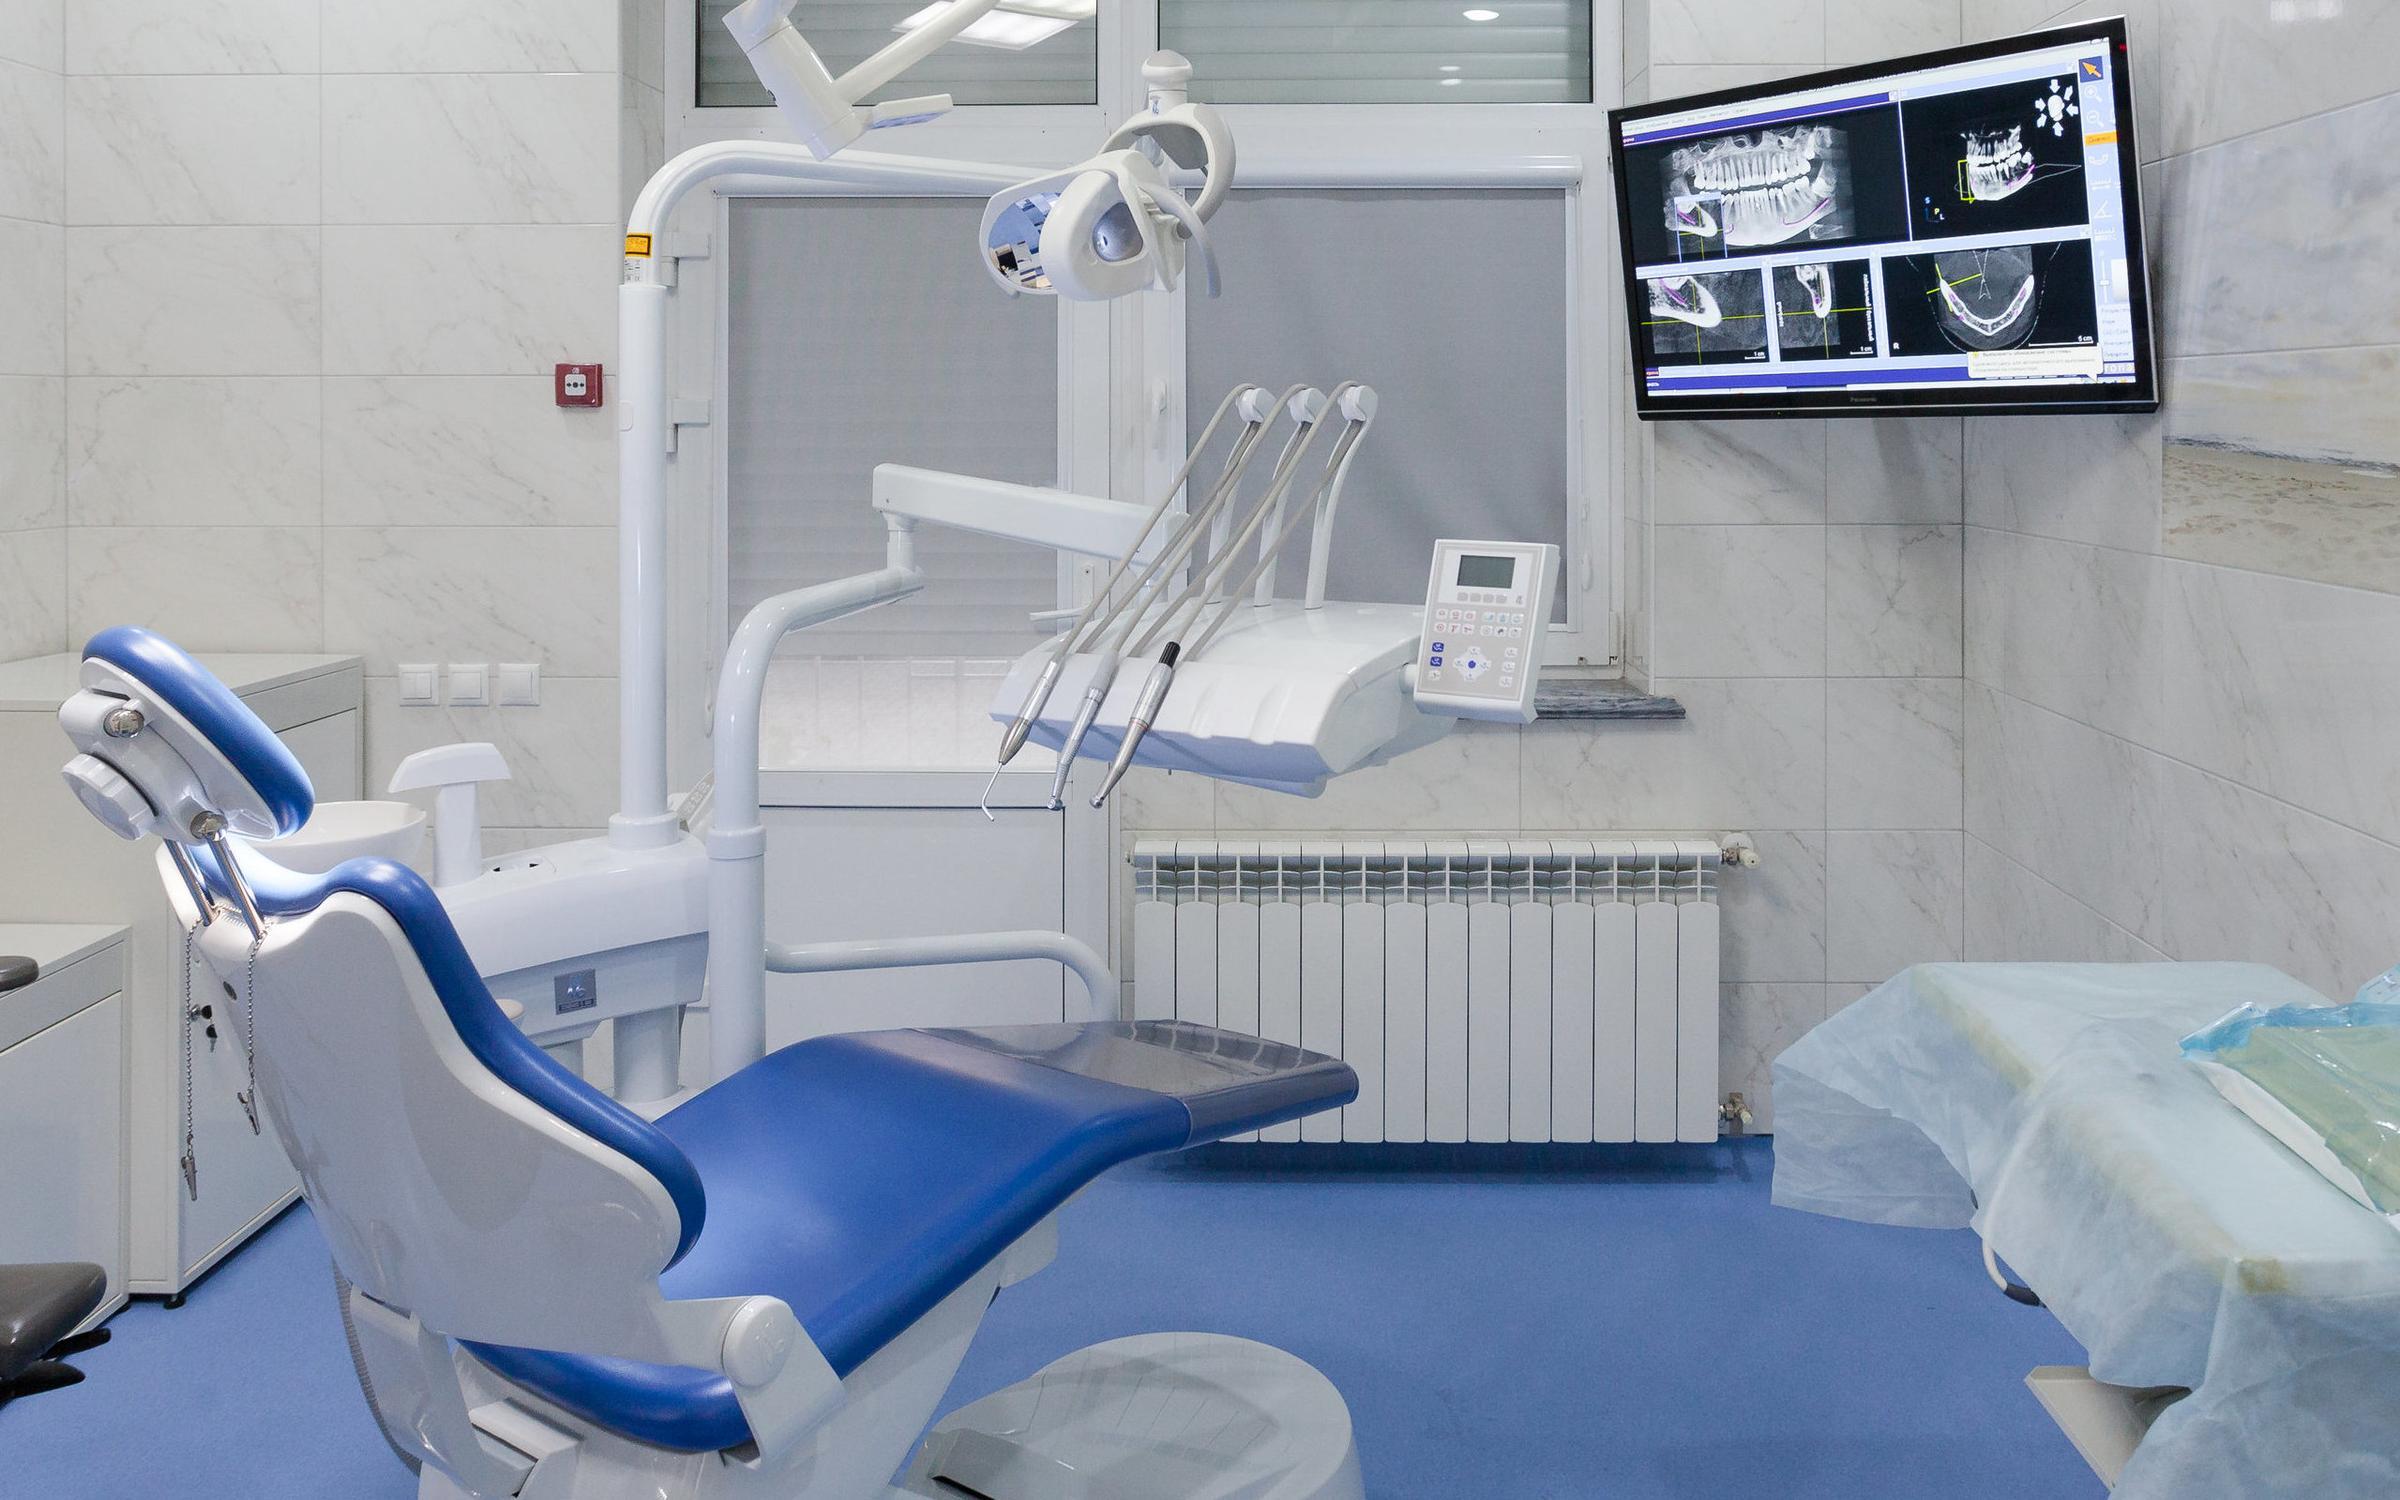 фотография Стоматологической клиники Дентал-студия в Западном округе